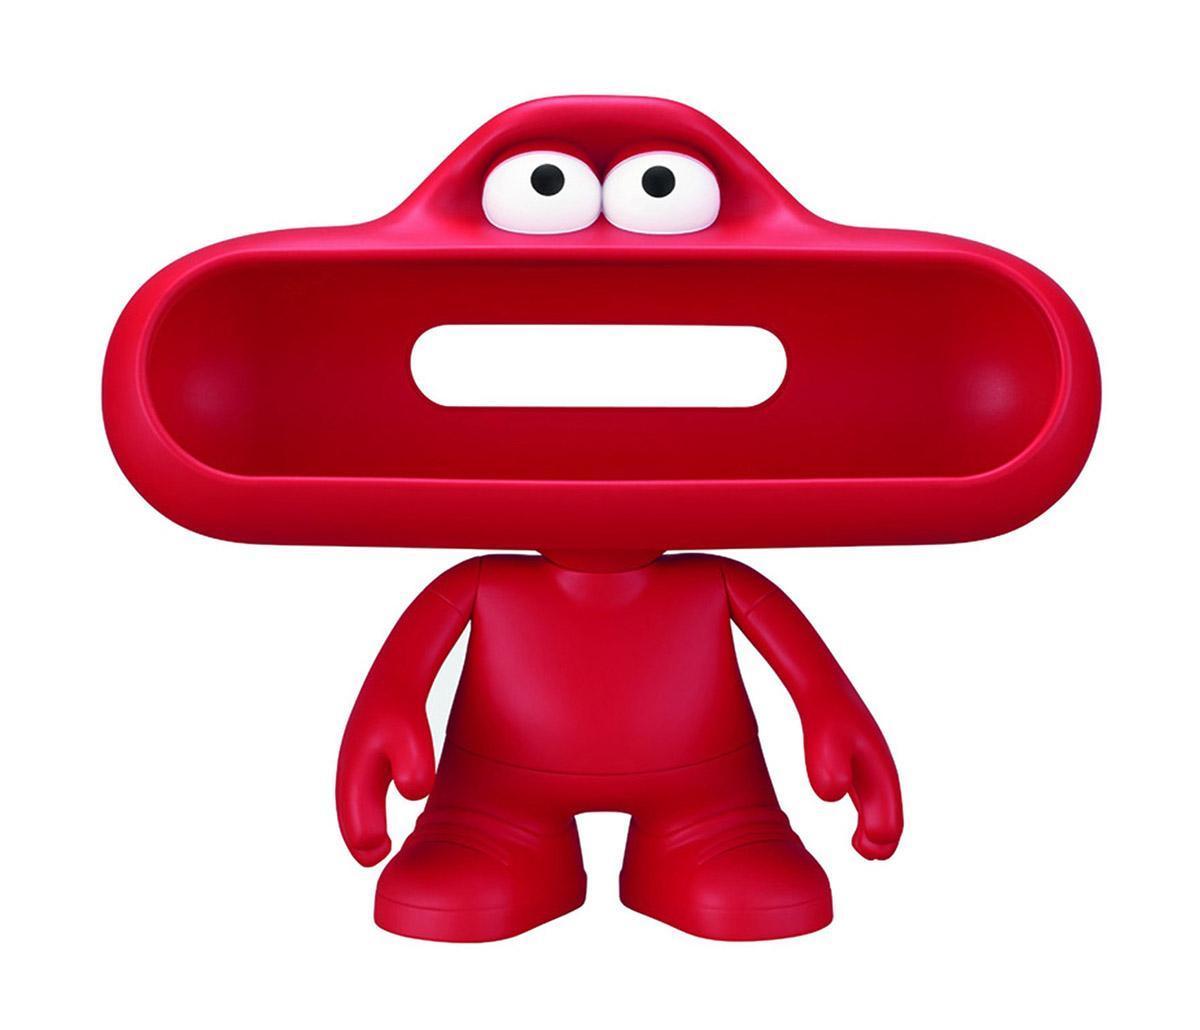 Beats Pill Dude, Red подставка под портативную акустикуPill Dude, RedАкустический аксессуар для колонок Beats Pill, идеально повторяет формы колонки и превращает ее в необычного, забавного человечка с подвижными конечностями